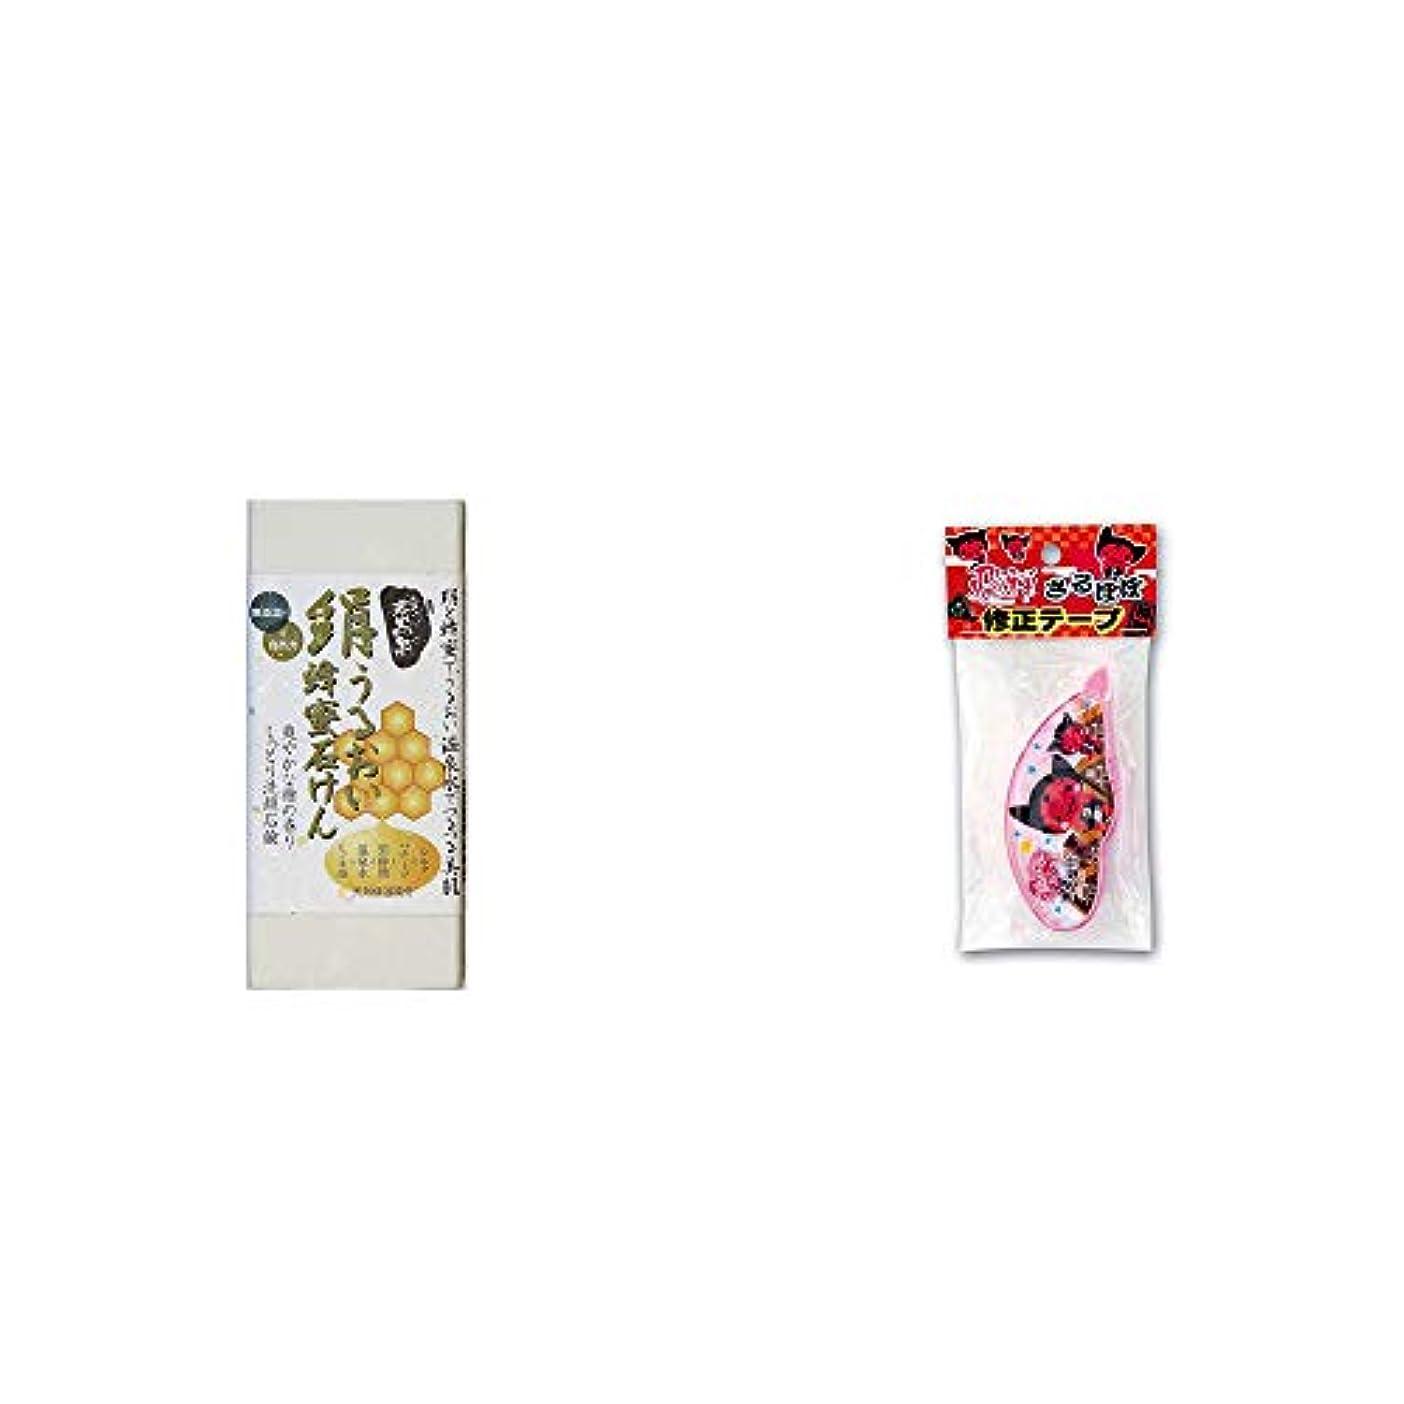 腸実業家消費[2点セット] ひのき炭黒泉 絹うるおい蜂蜜石けん(75g×2)?さるぼぼ 修正テープ【ブルー】